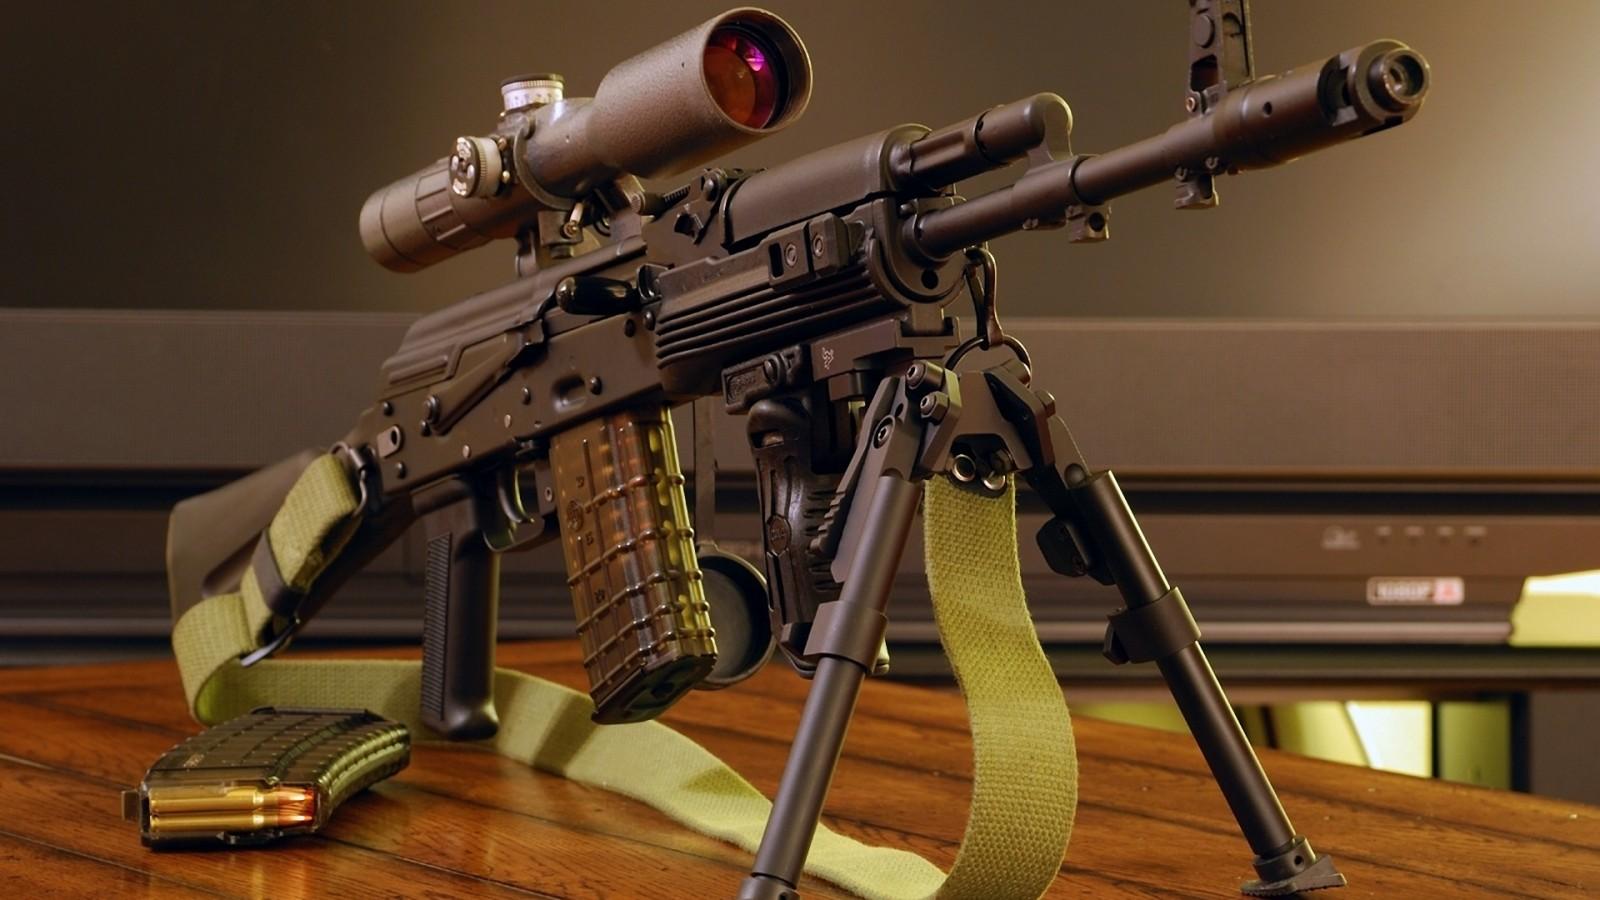 مدرن ترین و پیشرفته ترین اسلحه ها